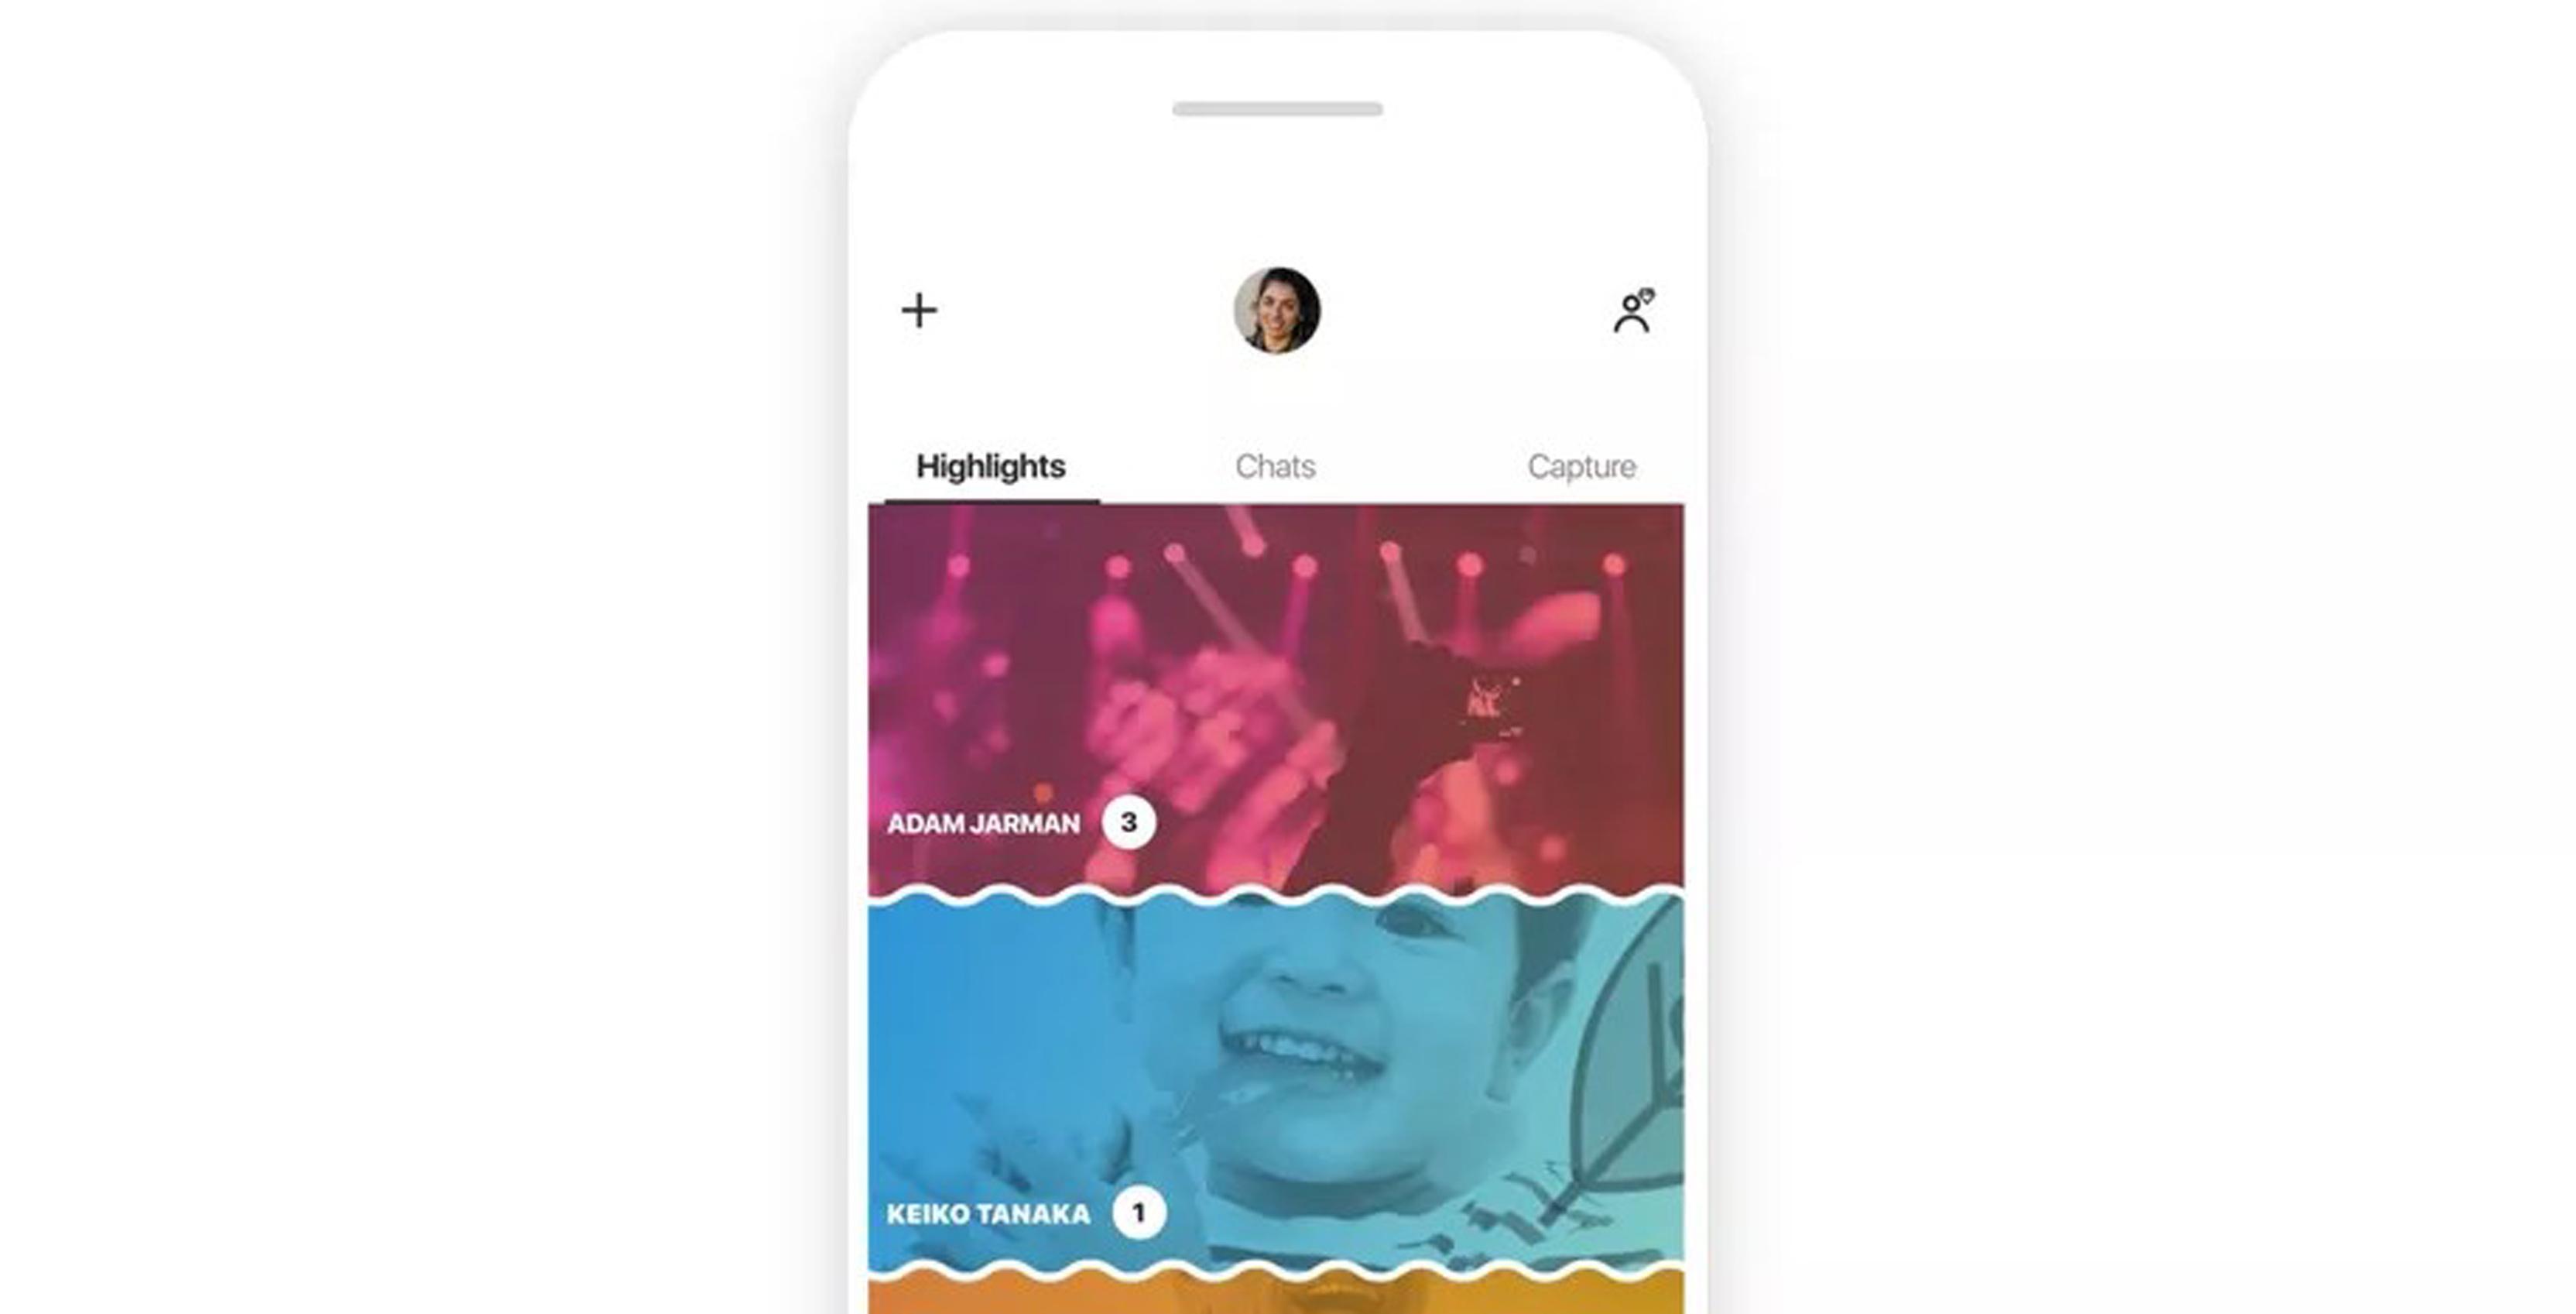 New Skype iOS design